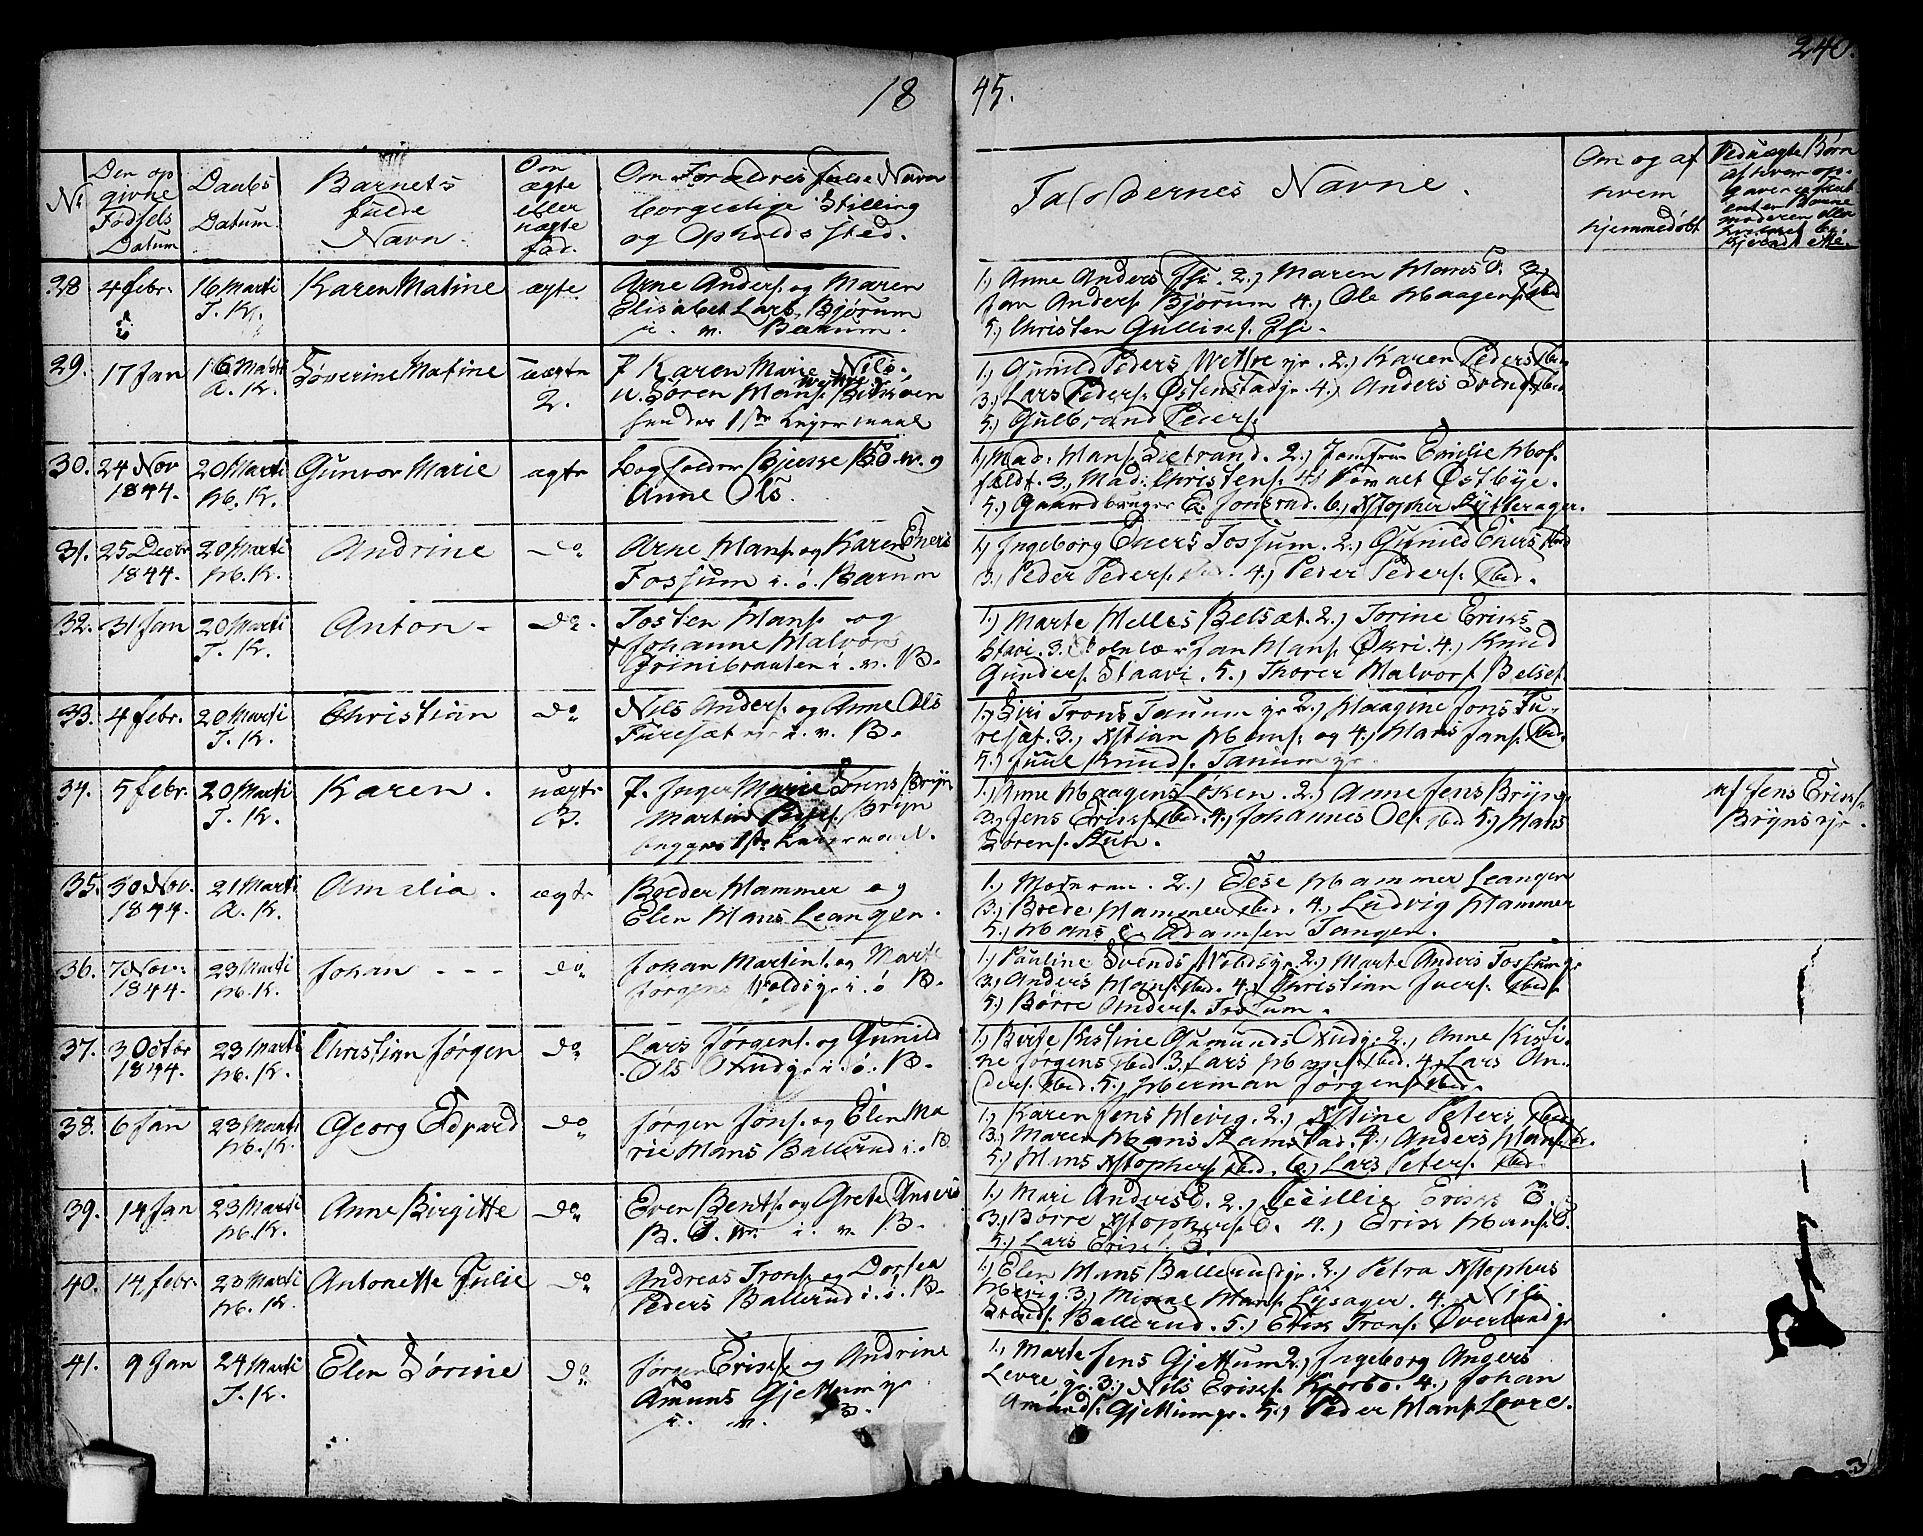 SAO, Asker prestekontor Kirkebøker, F/Fa/L0007: Ministerialbok nr. I 7, 1825-1864, s. 240